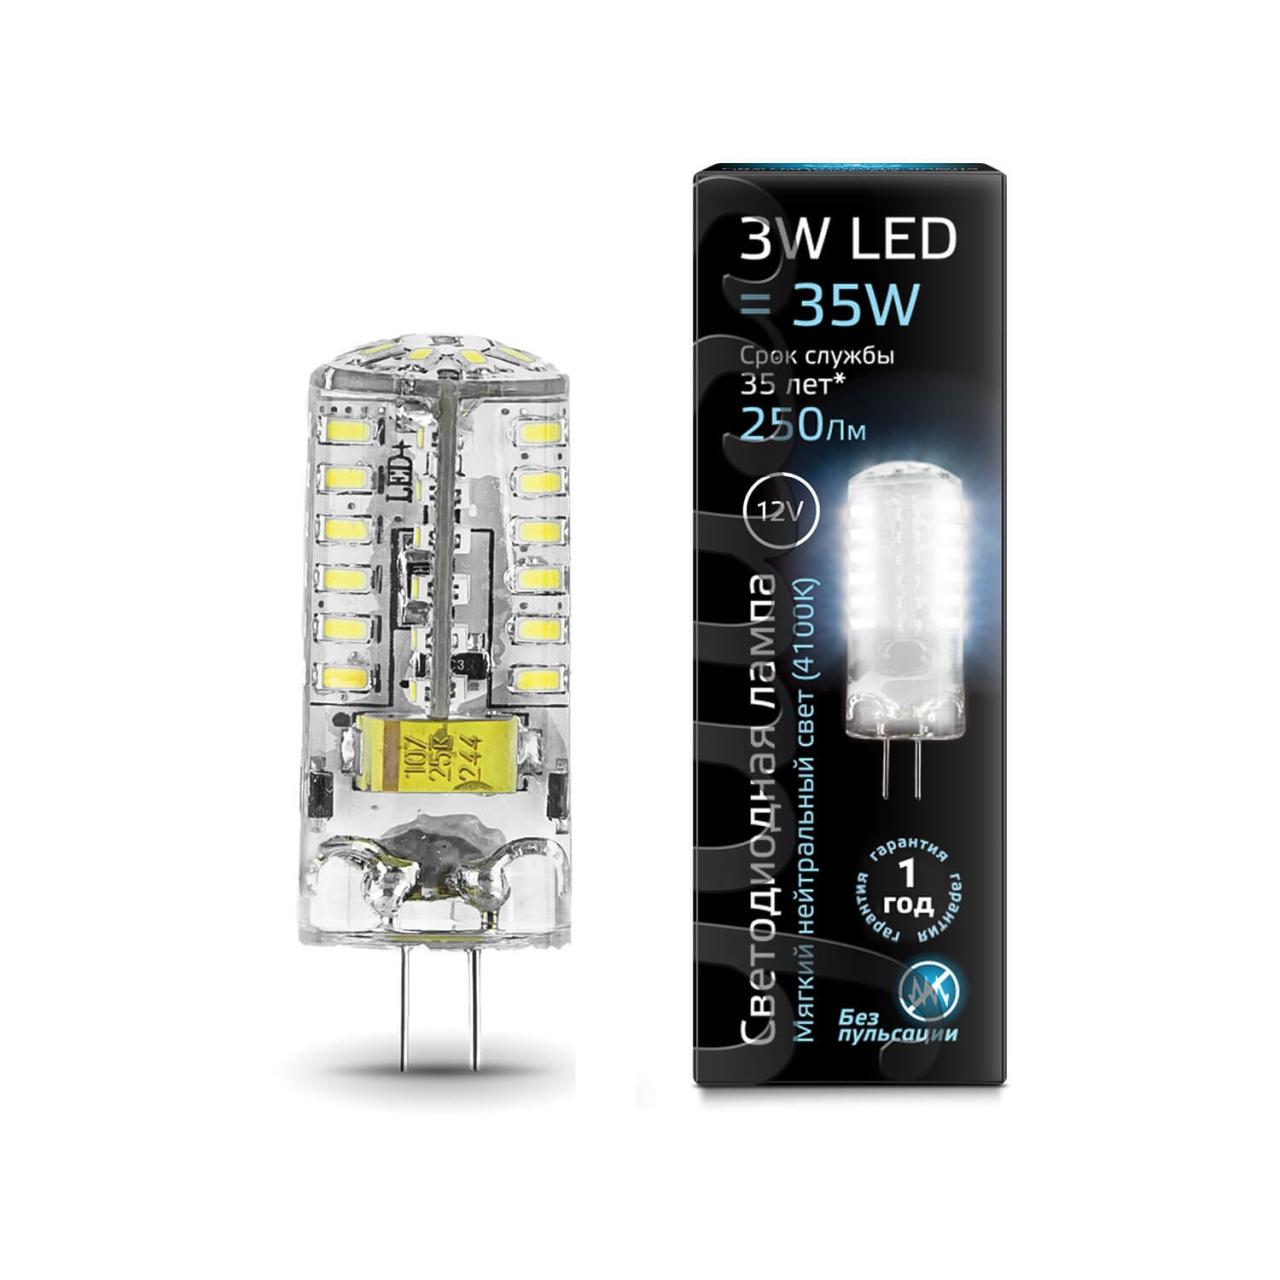 Лампочка Gauss 207707203 LED G4 лампа светодиодная gauss 207707203 g4 jc 3вт